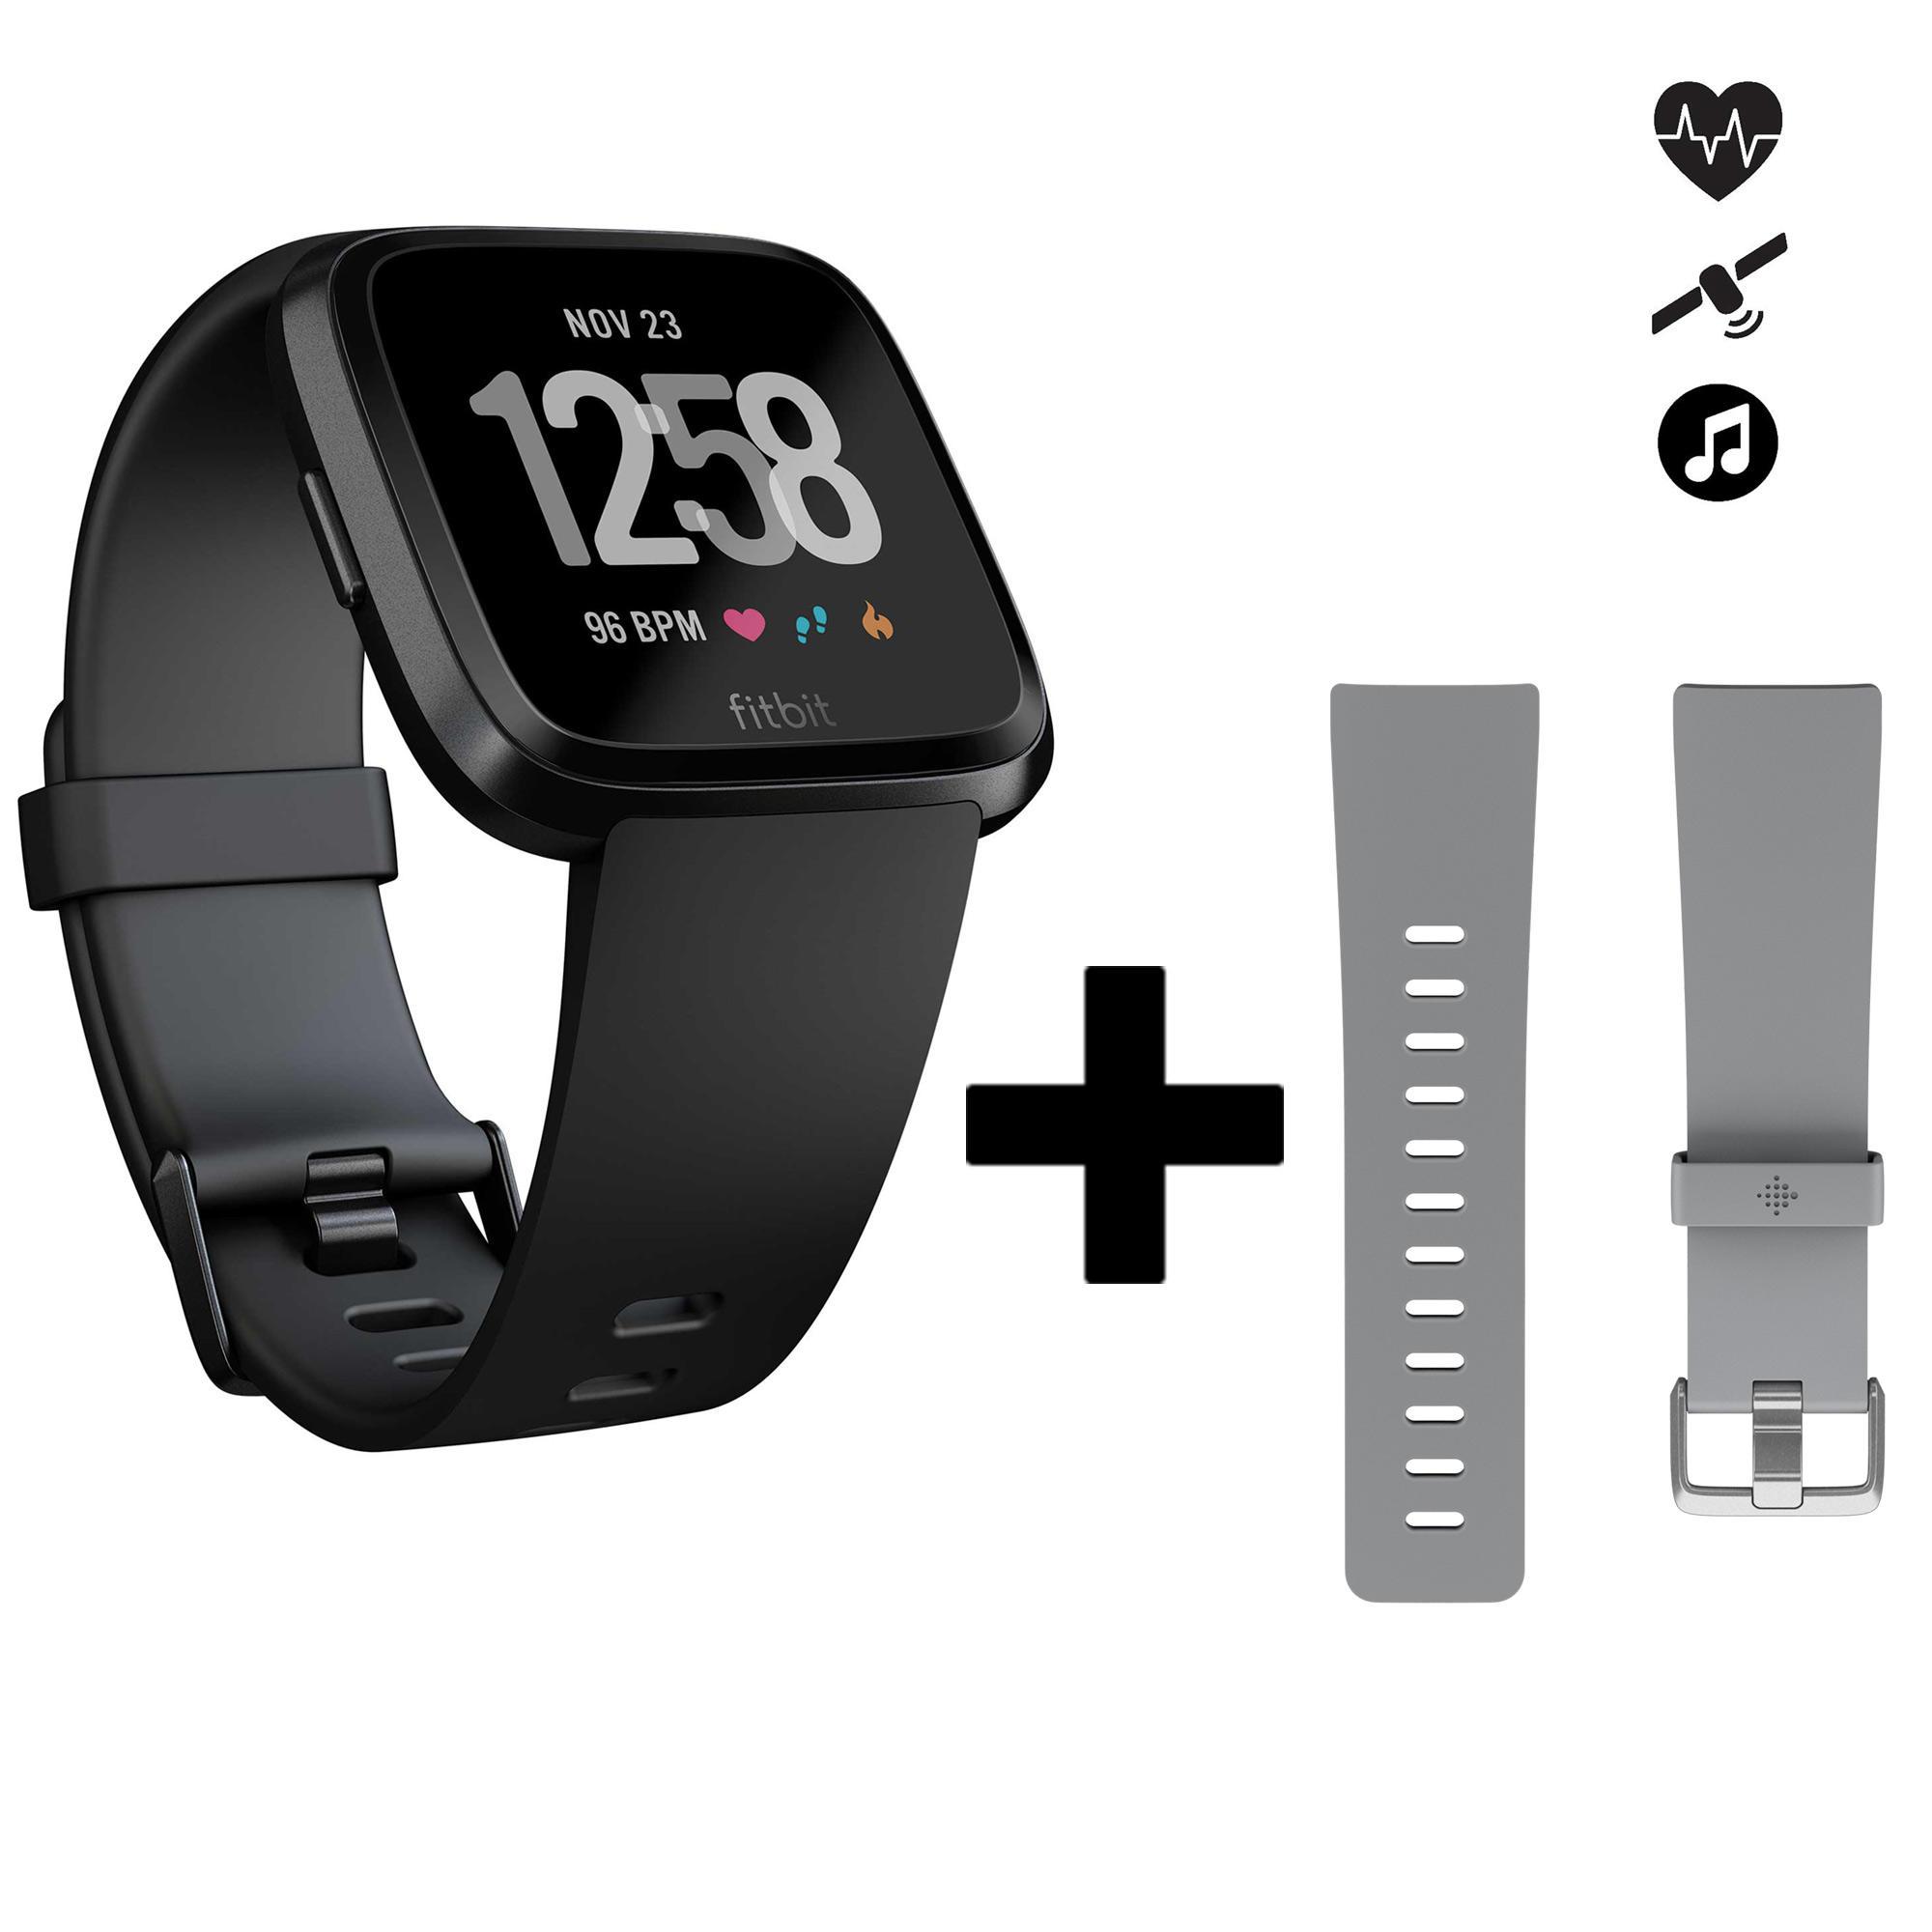 Fitbit Set smartwatch met hartslagmeter aan de pols Versa zwart + grijs bandje thumbnail